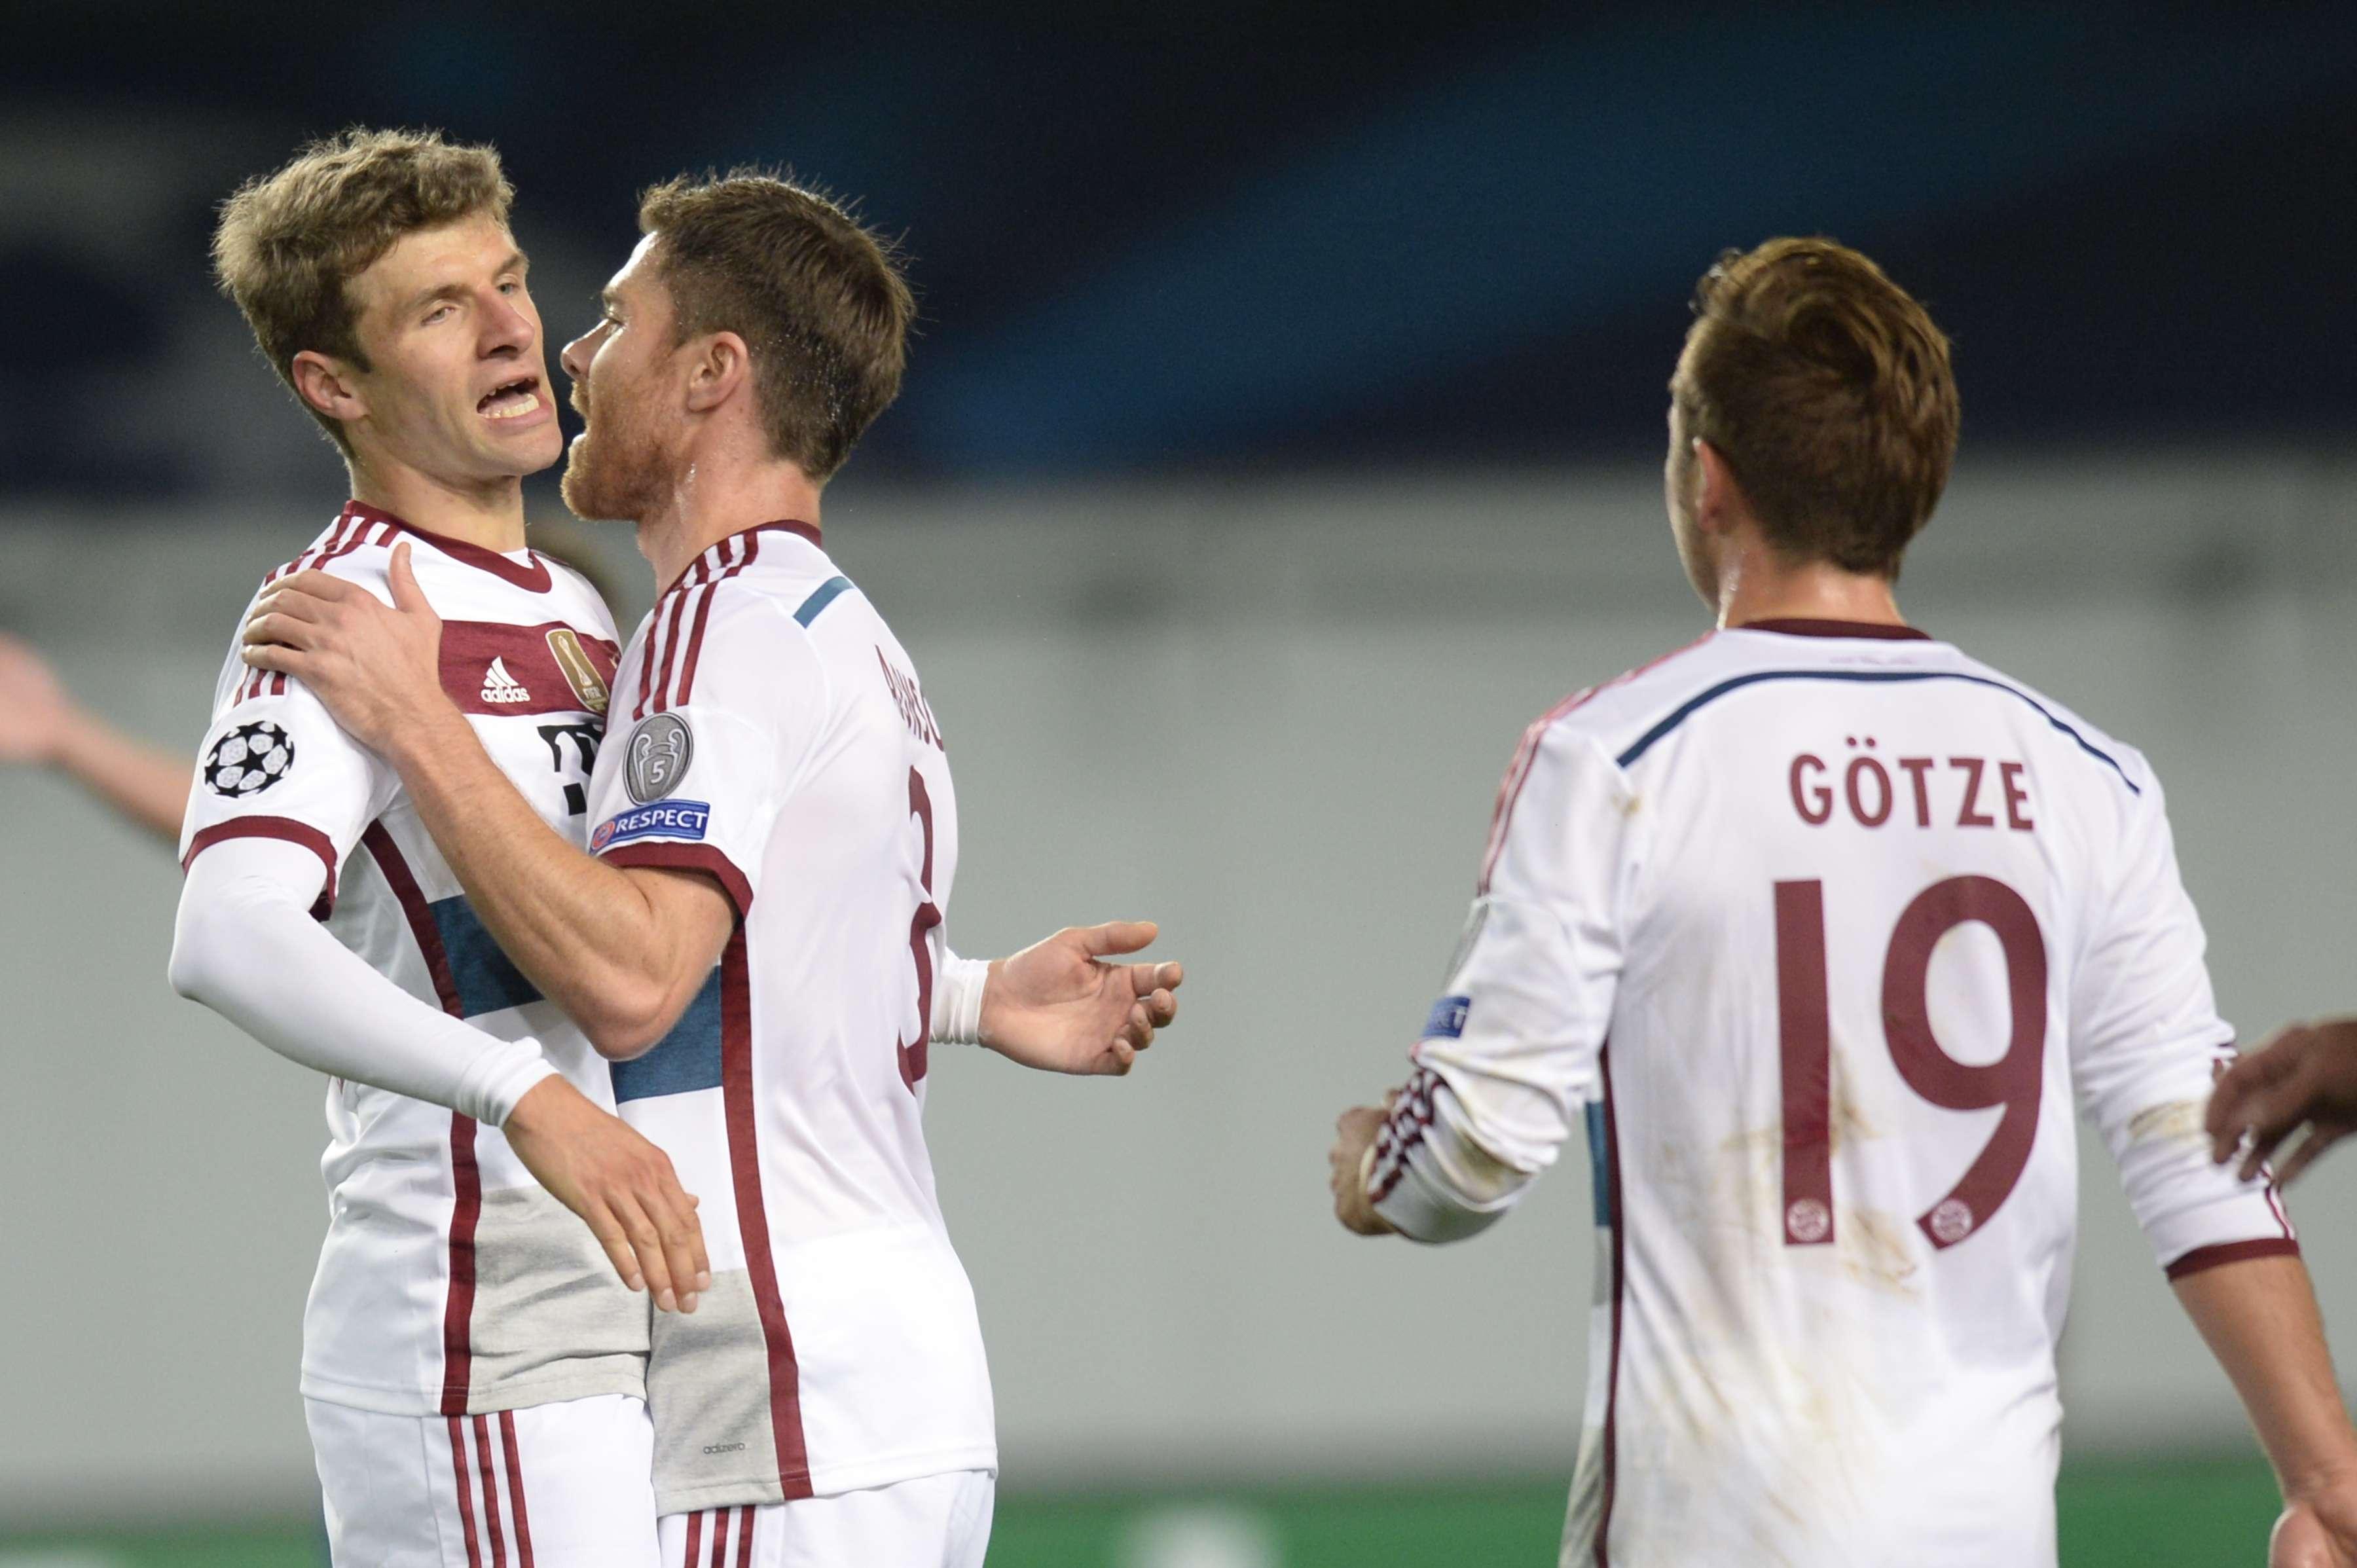 Atletas do Bayern trocam abraços após gol Foto: Alexander Nemenov/AFP